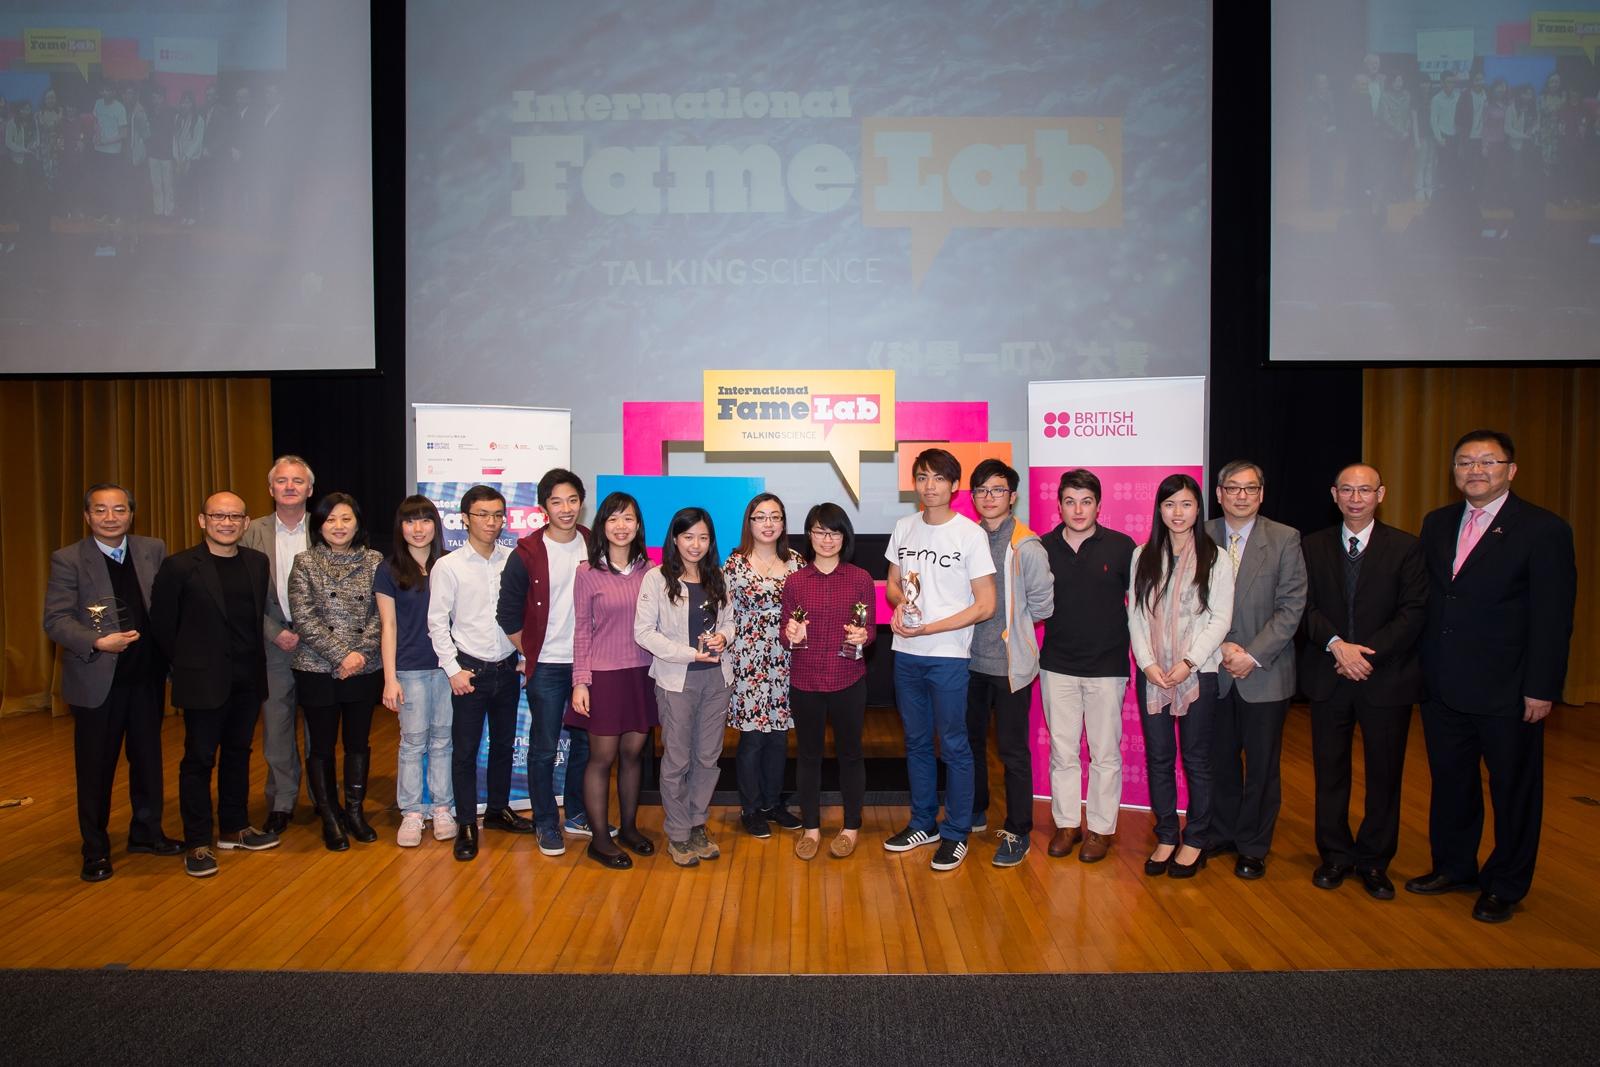 中大教授與學生攝於「科學一叮」香港區決賽2015。(照片由英國文化協會提供)